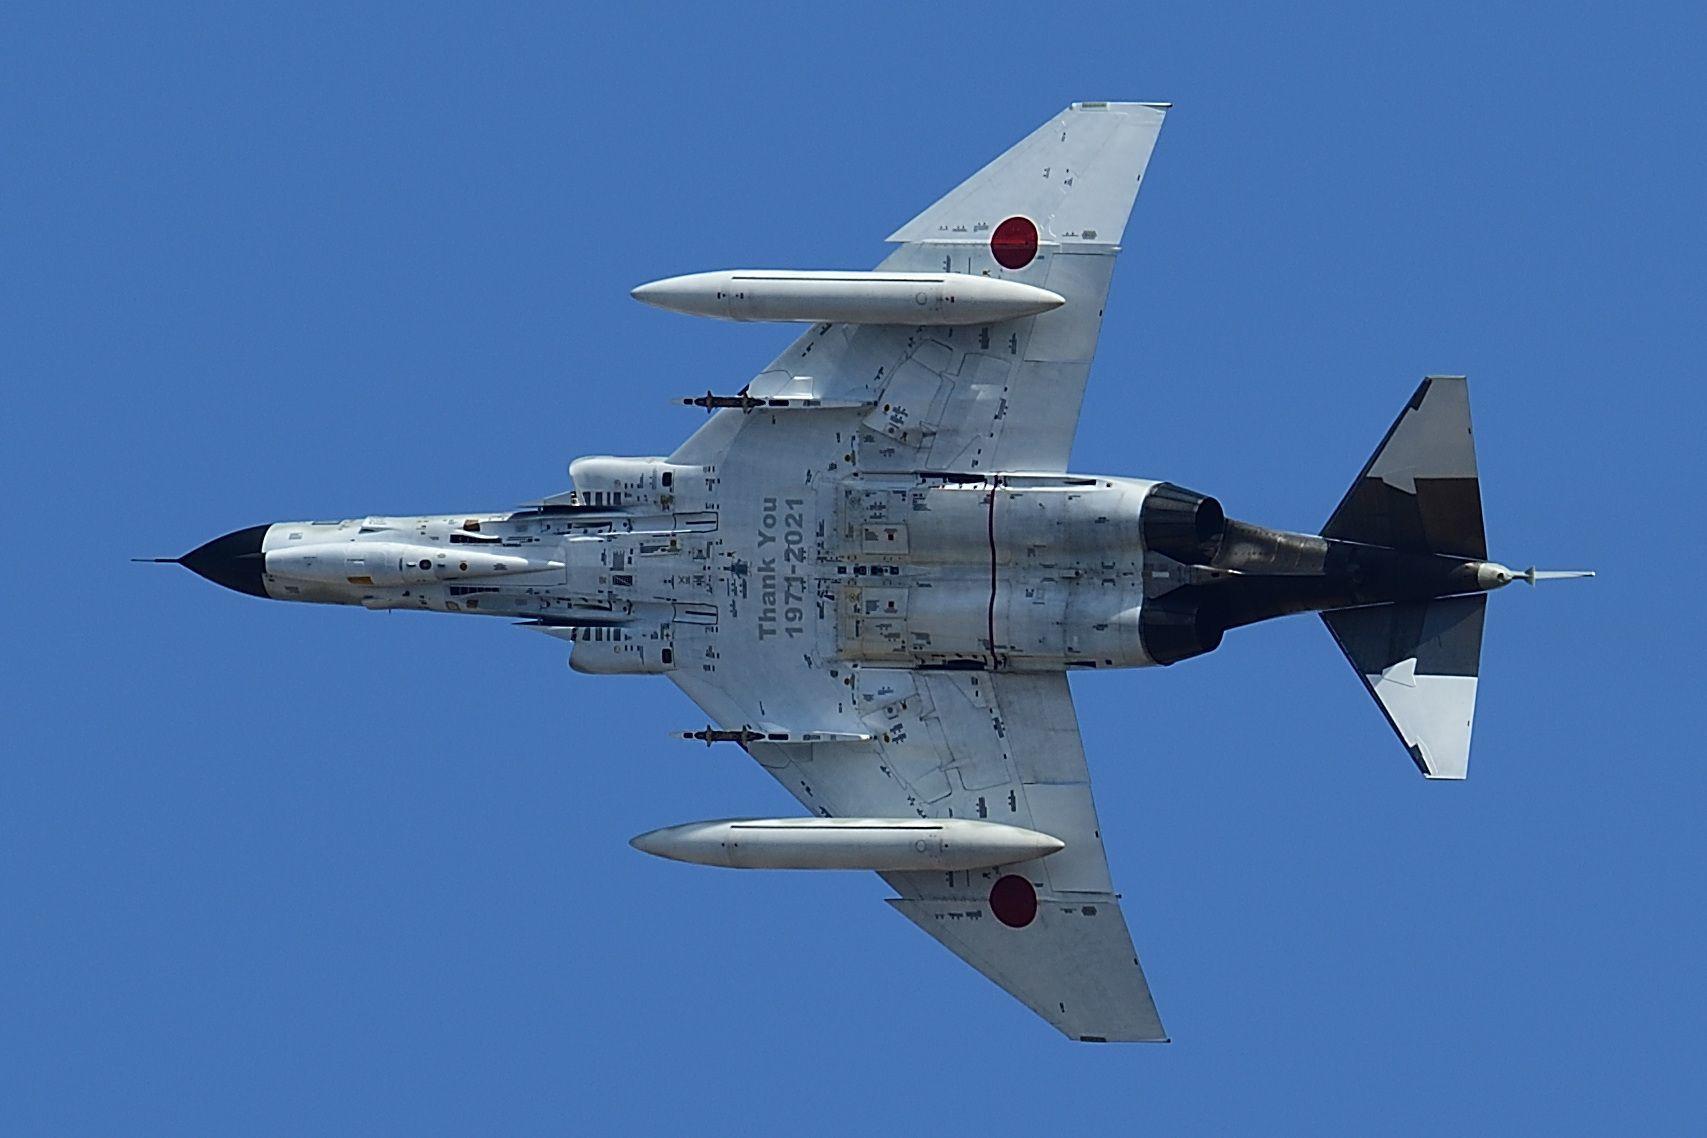 2021/03/17 岐阜基地(F-4ファントムⅡラストフライト)_c0250390_10152674.jpg